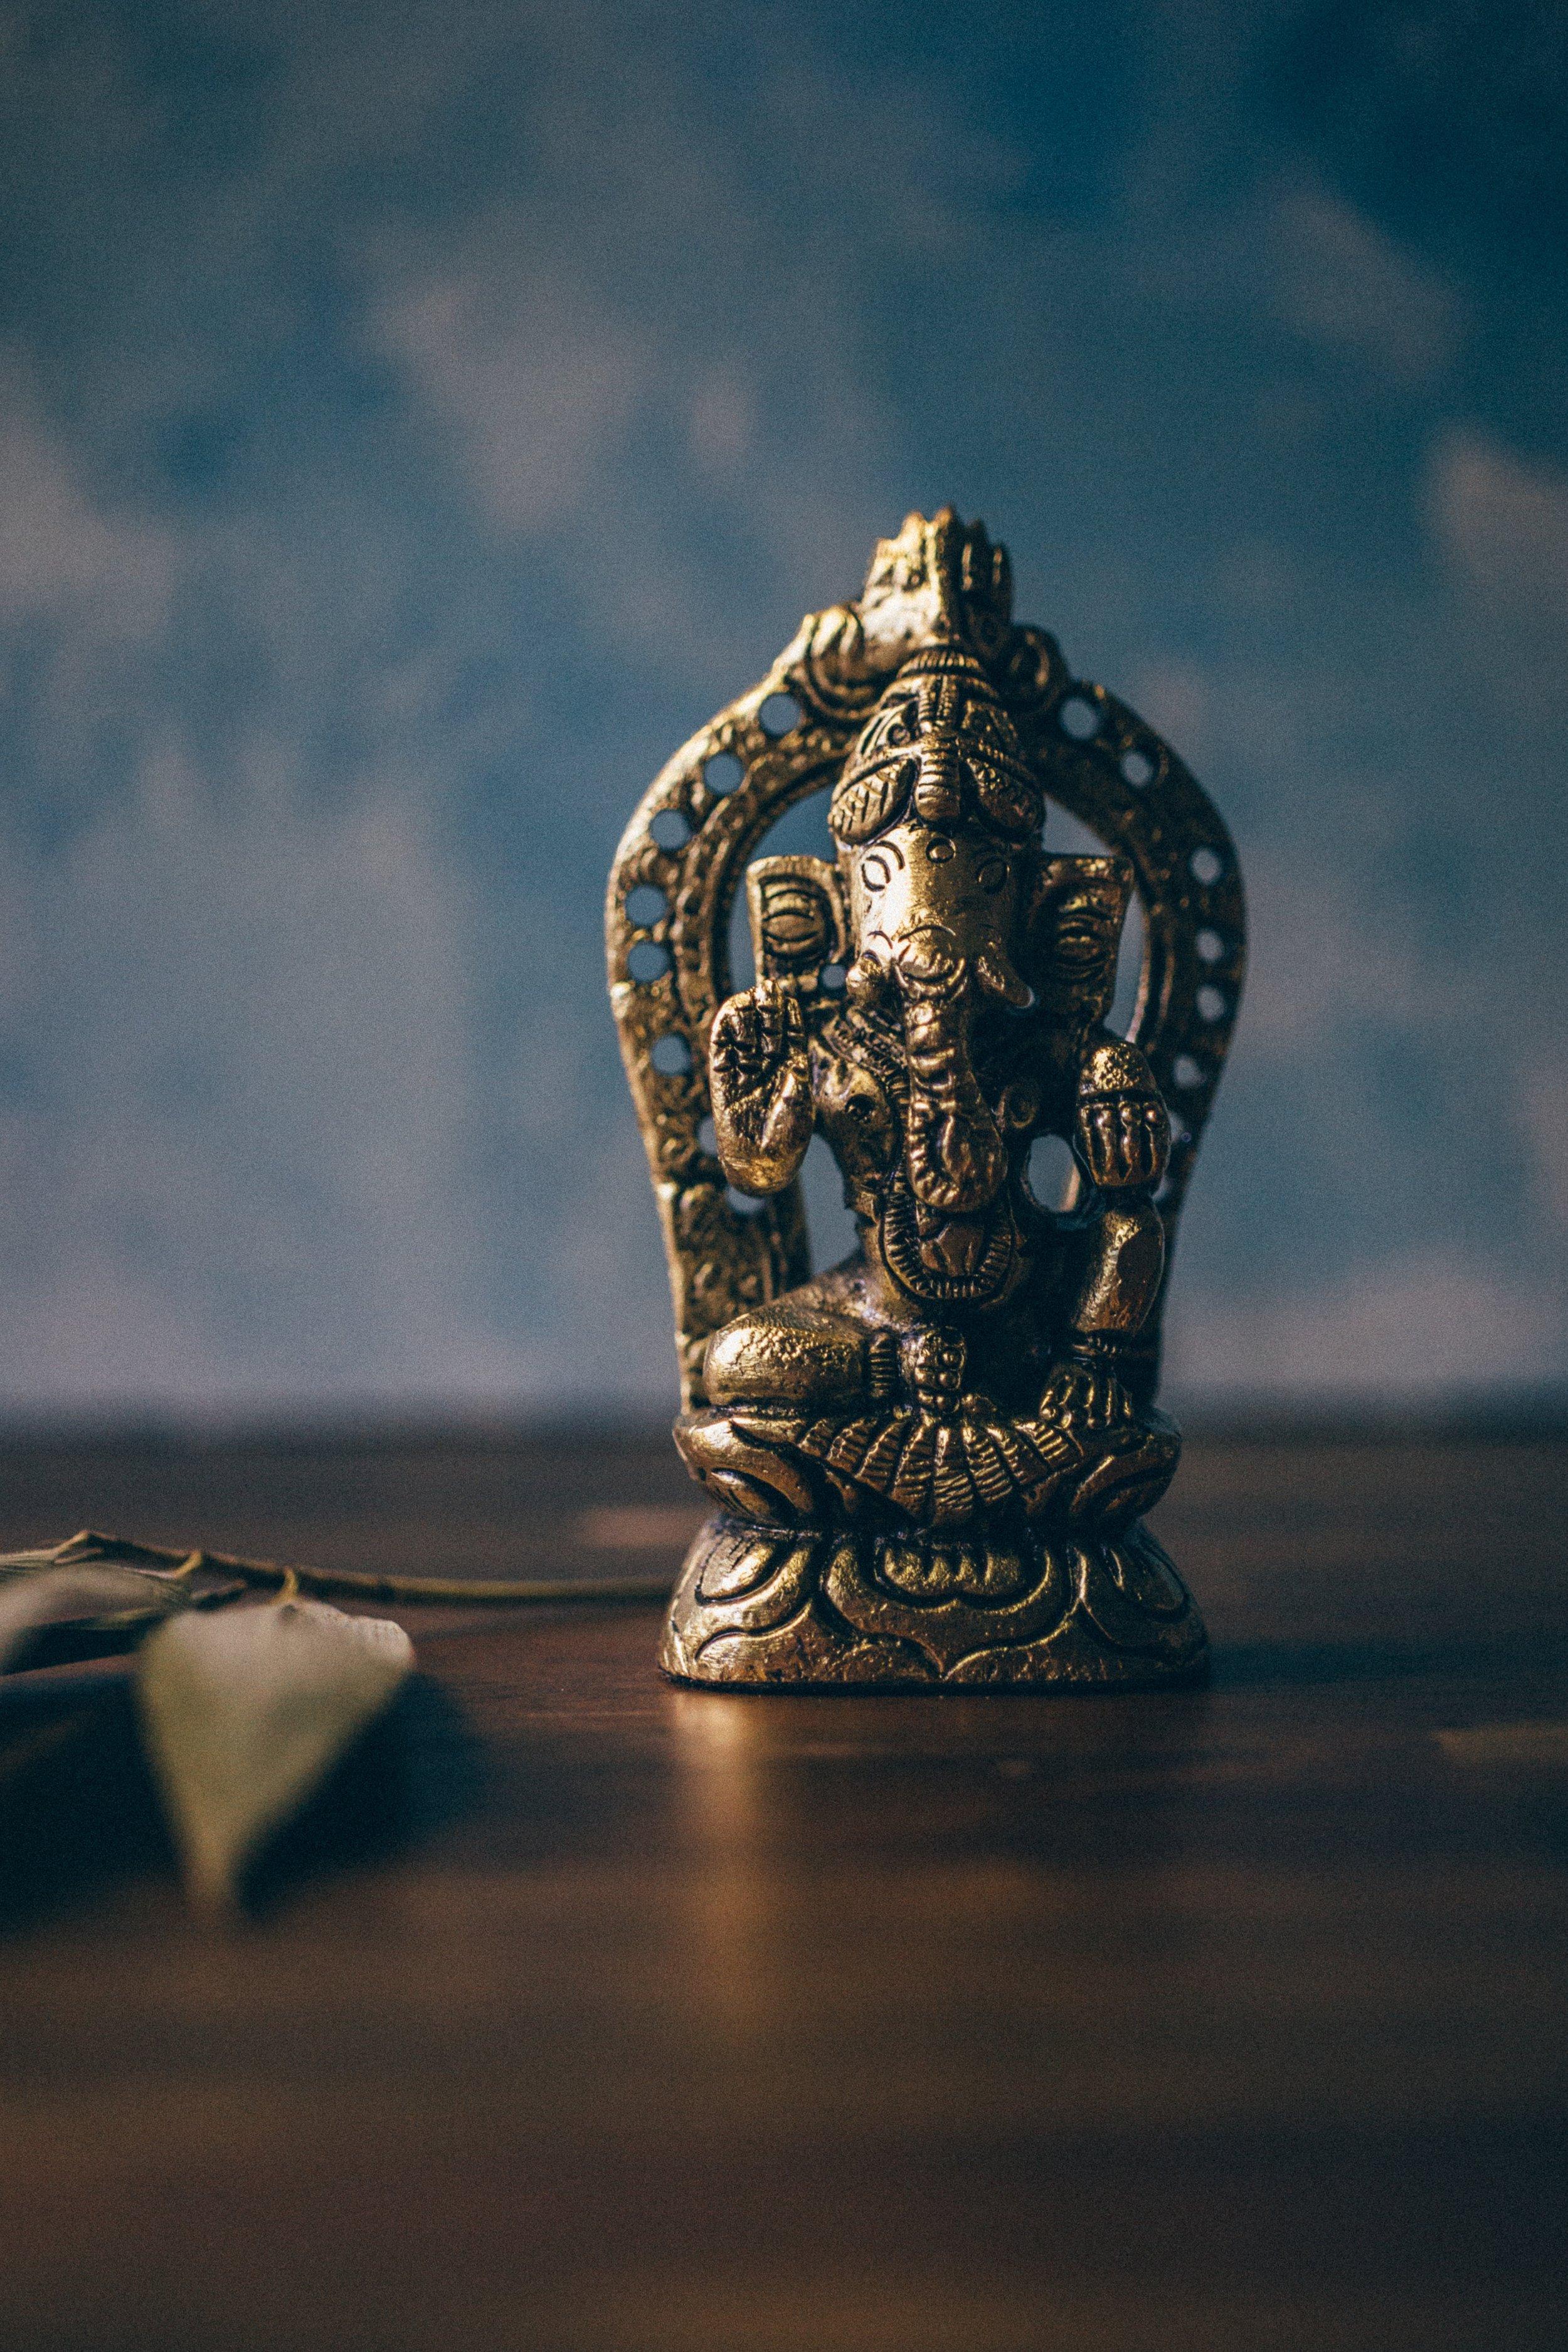 laura-olsen-414141-unsplash.jpgEssensprogram intuition essens kundalini yoga program online nickoline camille meditation yoga selvværd selvtillid mantra hjem til dig selv din kerne